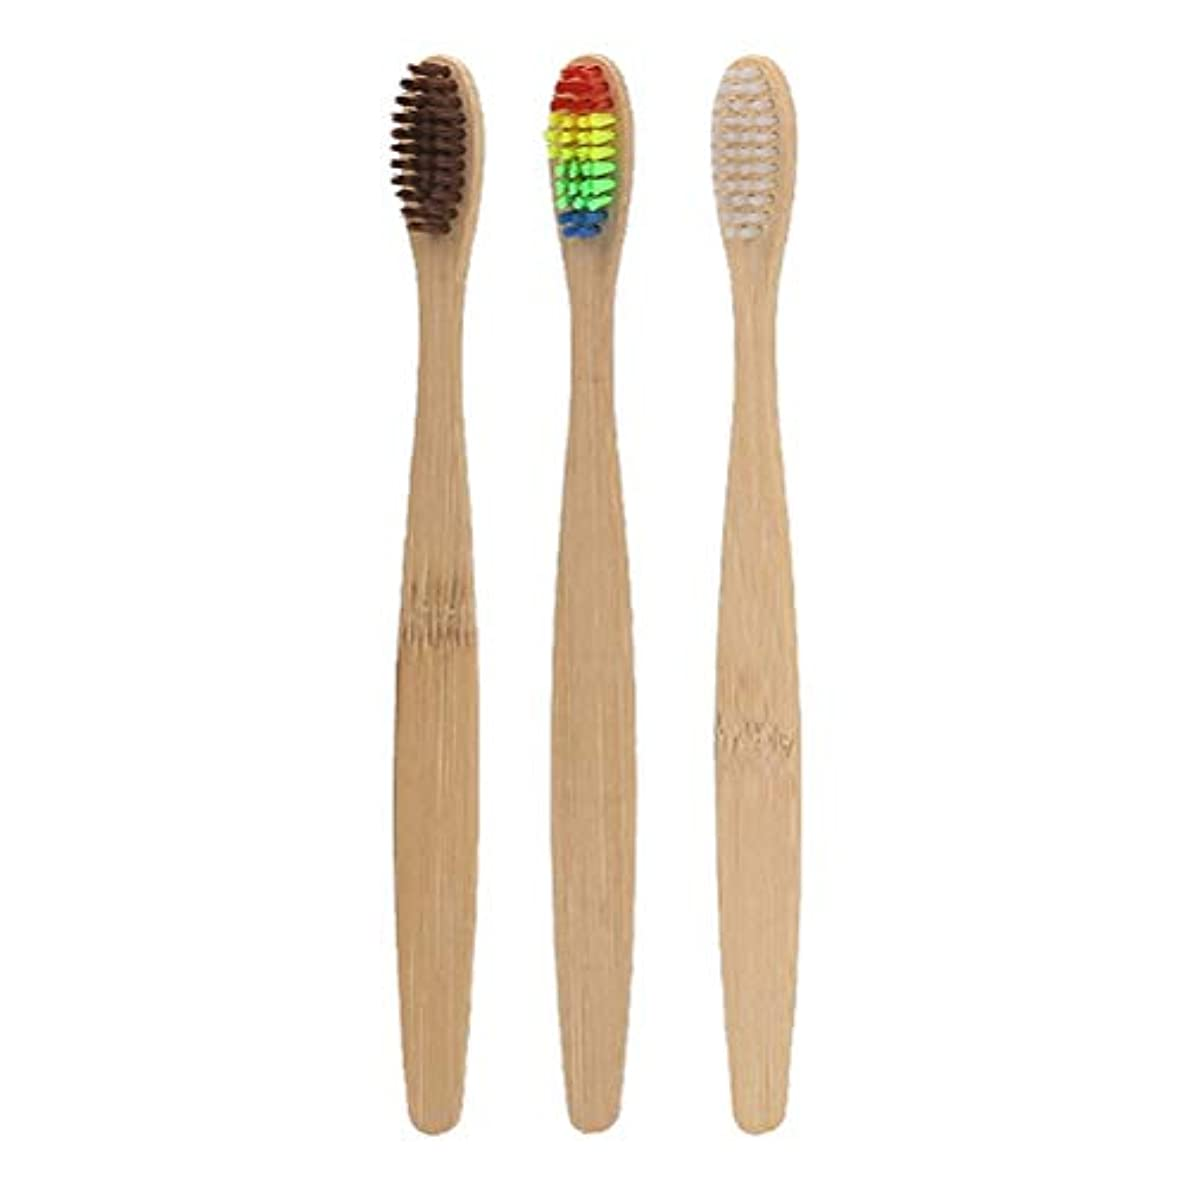 骨髄これら漂流SUPVOX 竹の歯ブラシ女性のためのナチュラルソフト歯ブラシ男性3本(白い剛毛+虹色の剛毛+茶色の剛毛)